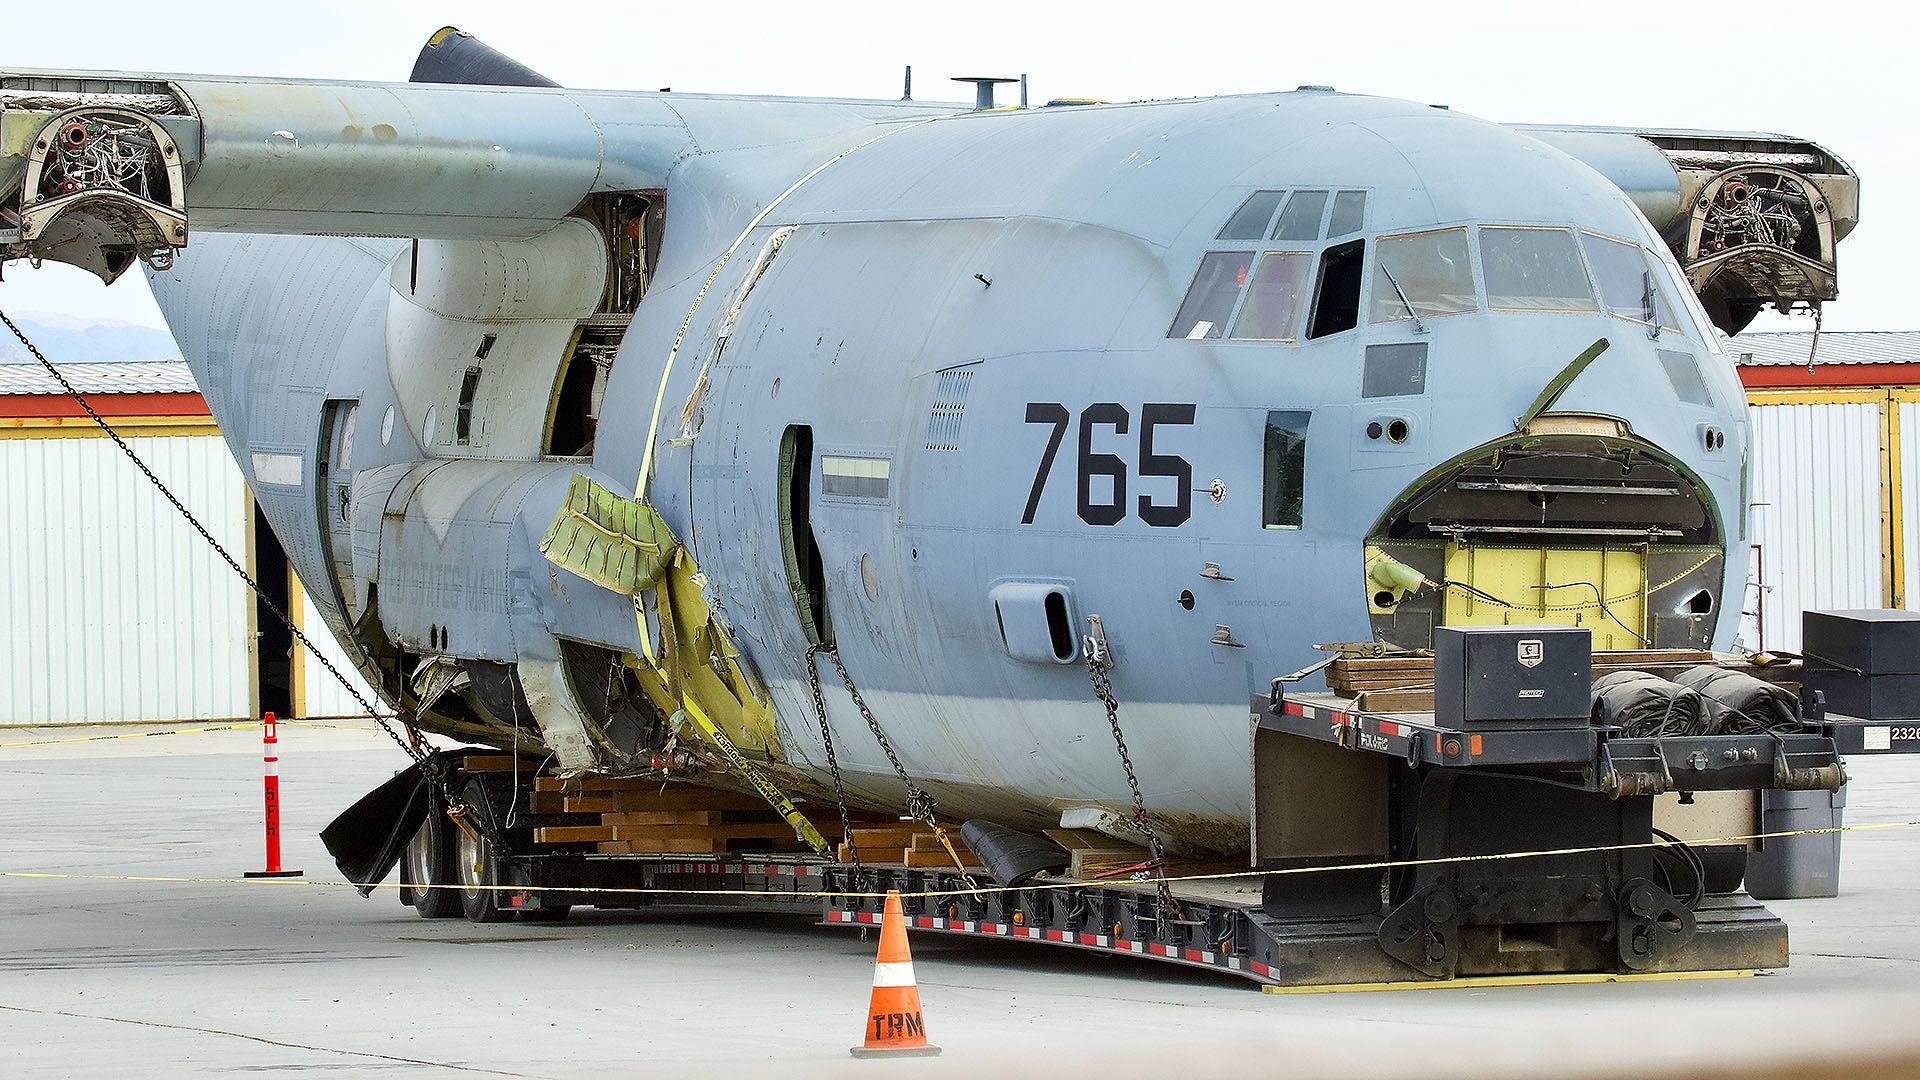 وضع هواپیمای متلاشی شده آمریکا+عکس